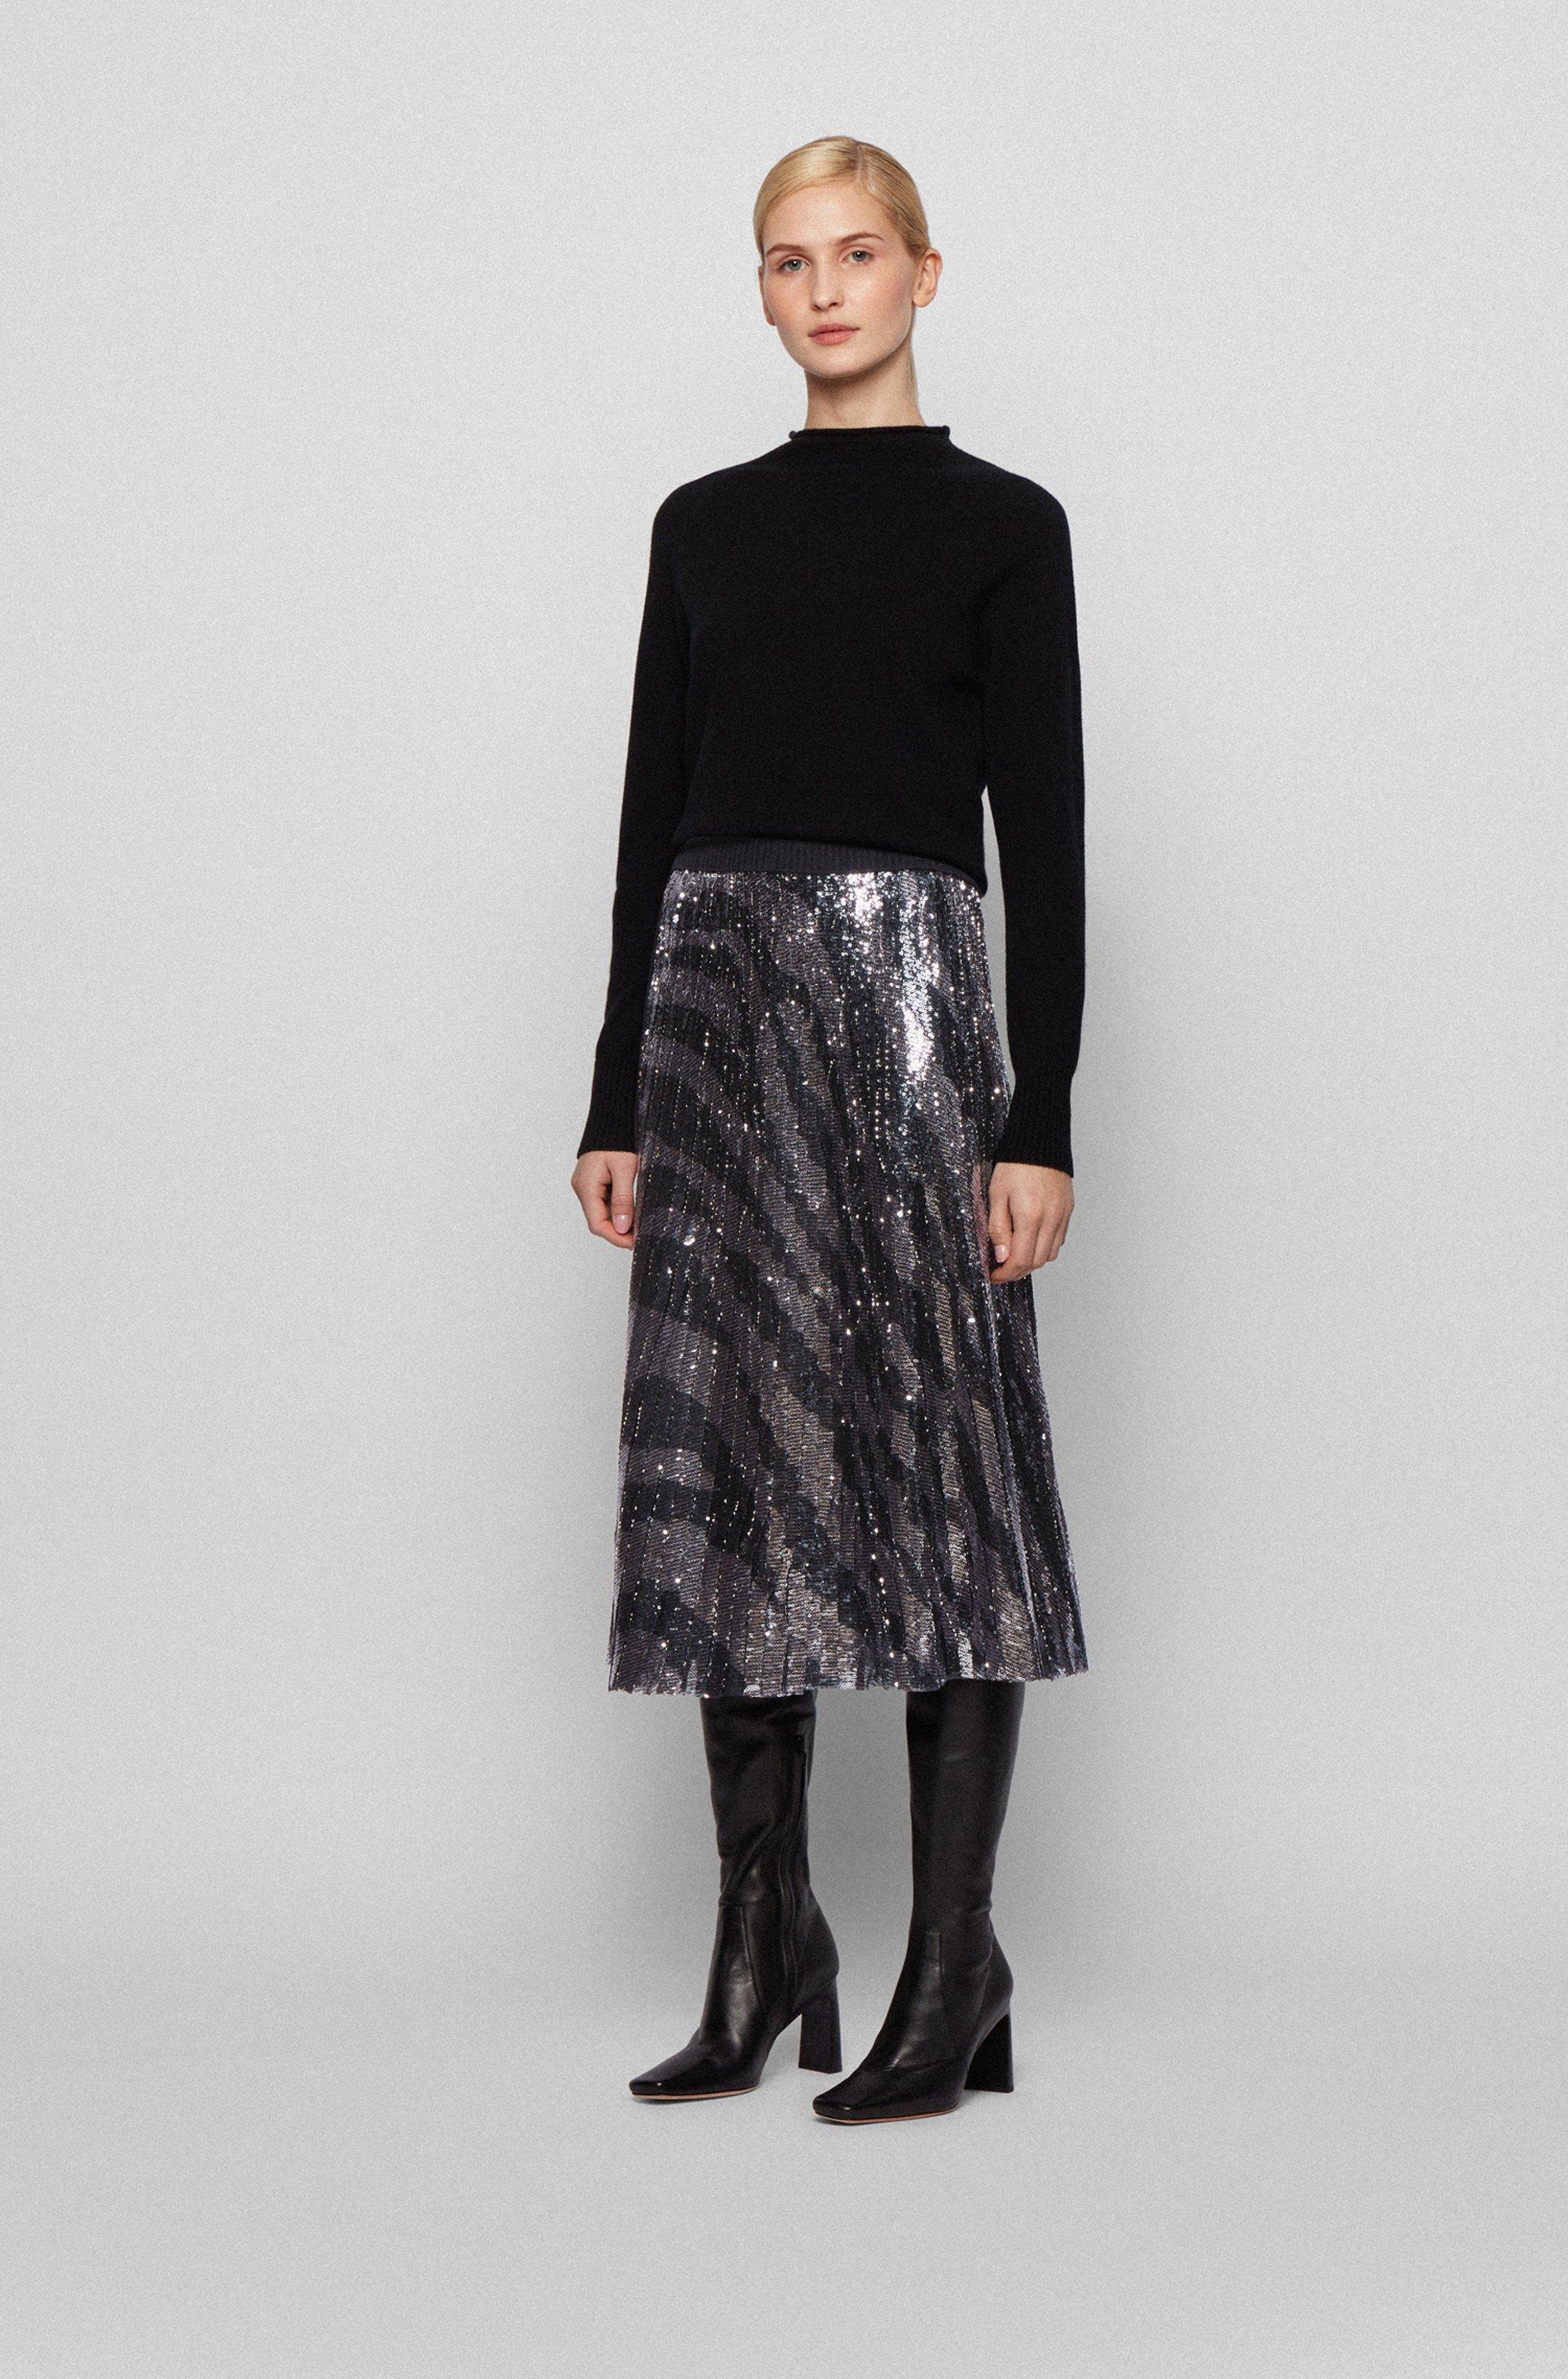 Sequinned midi-length skirt in zebra-print plissé fabric